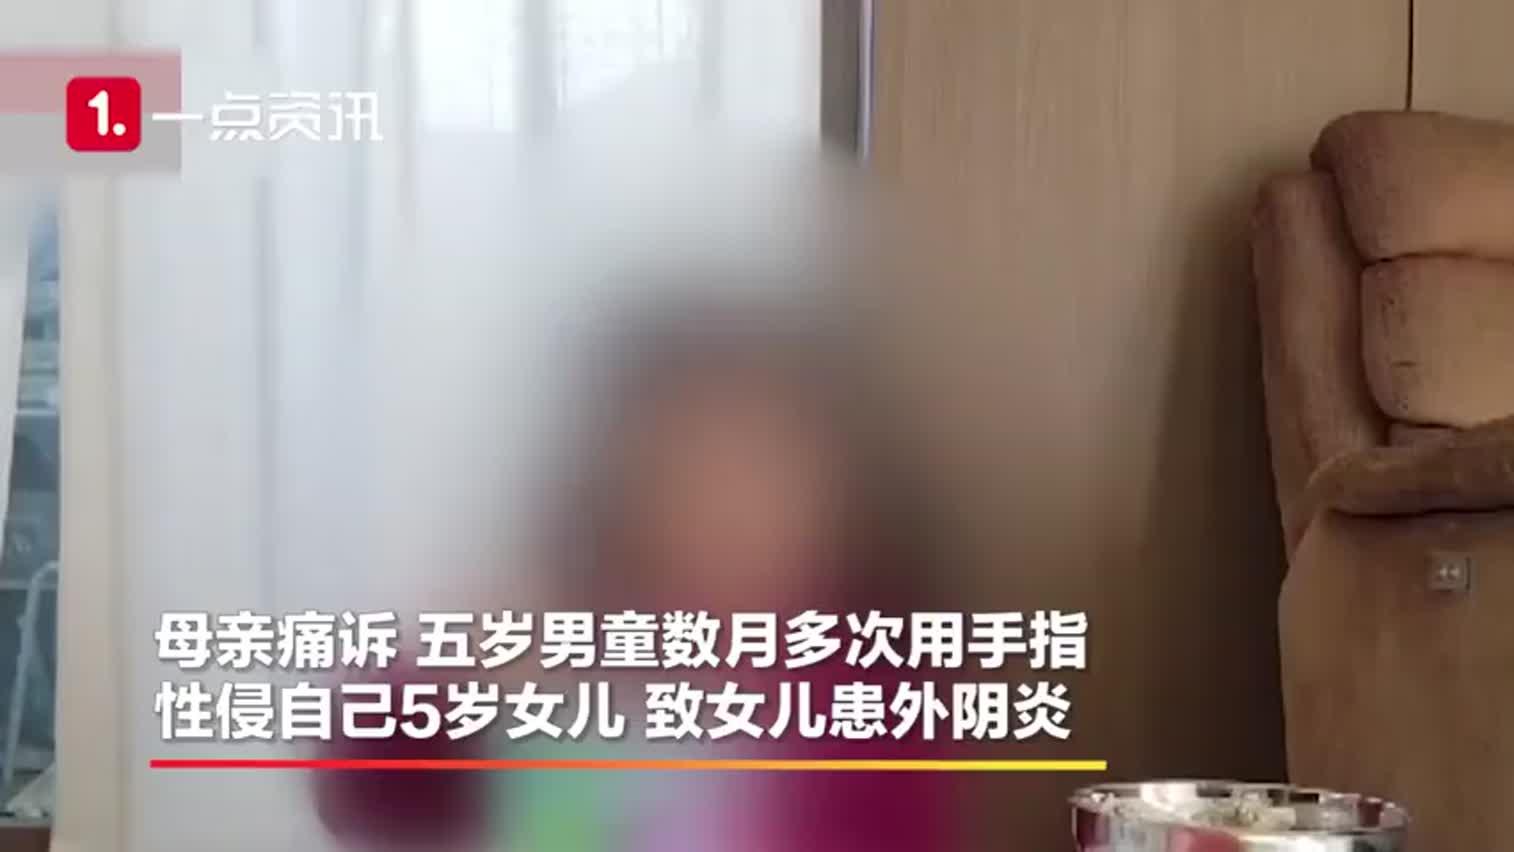 视频-韩国5岁男童性侵5岁女童 韩国部长:这是成